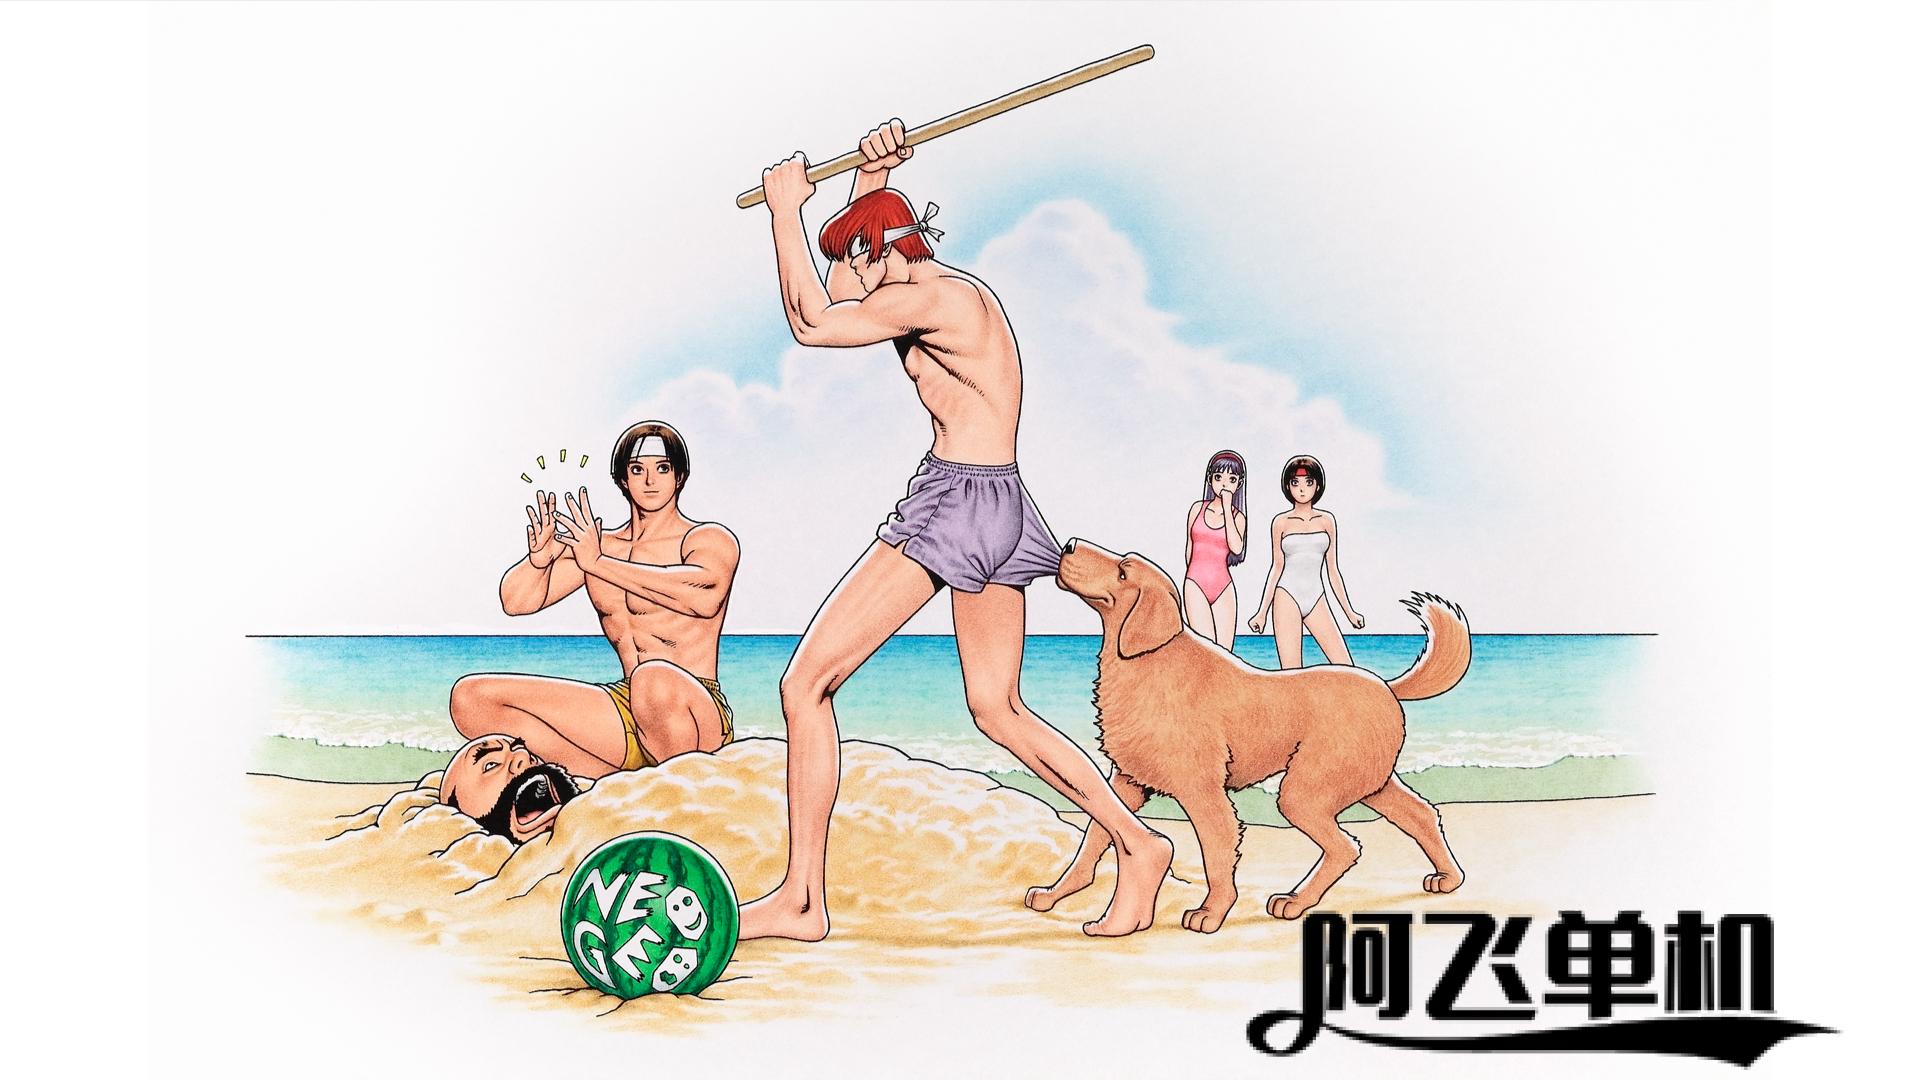 拳皇官方高清沙滩原画电脑壁纸